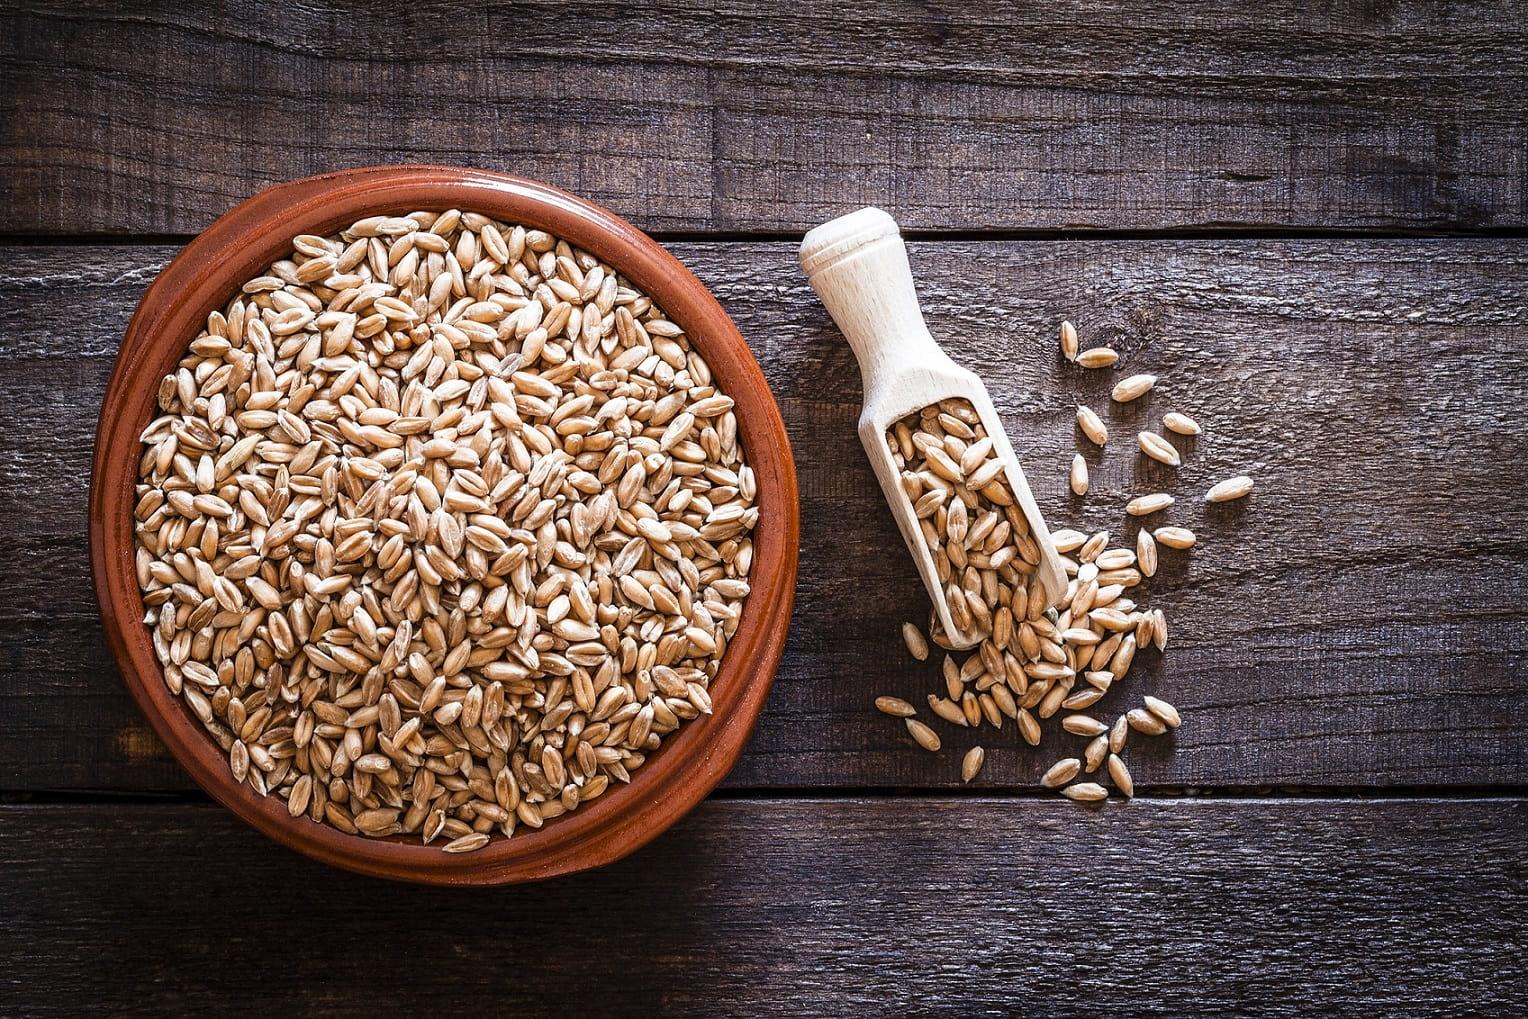 keten tohumu faydaları, keten tohumu nasıl tüketilir